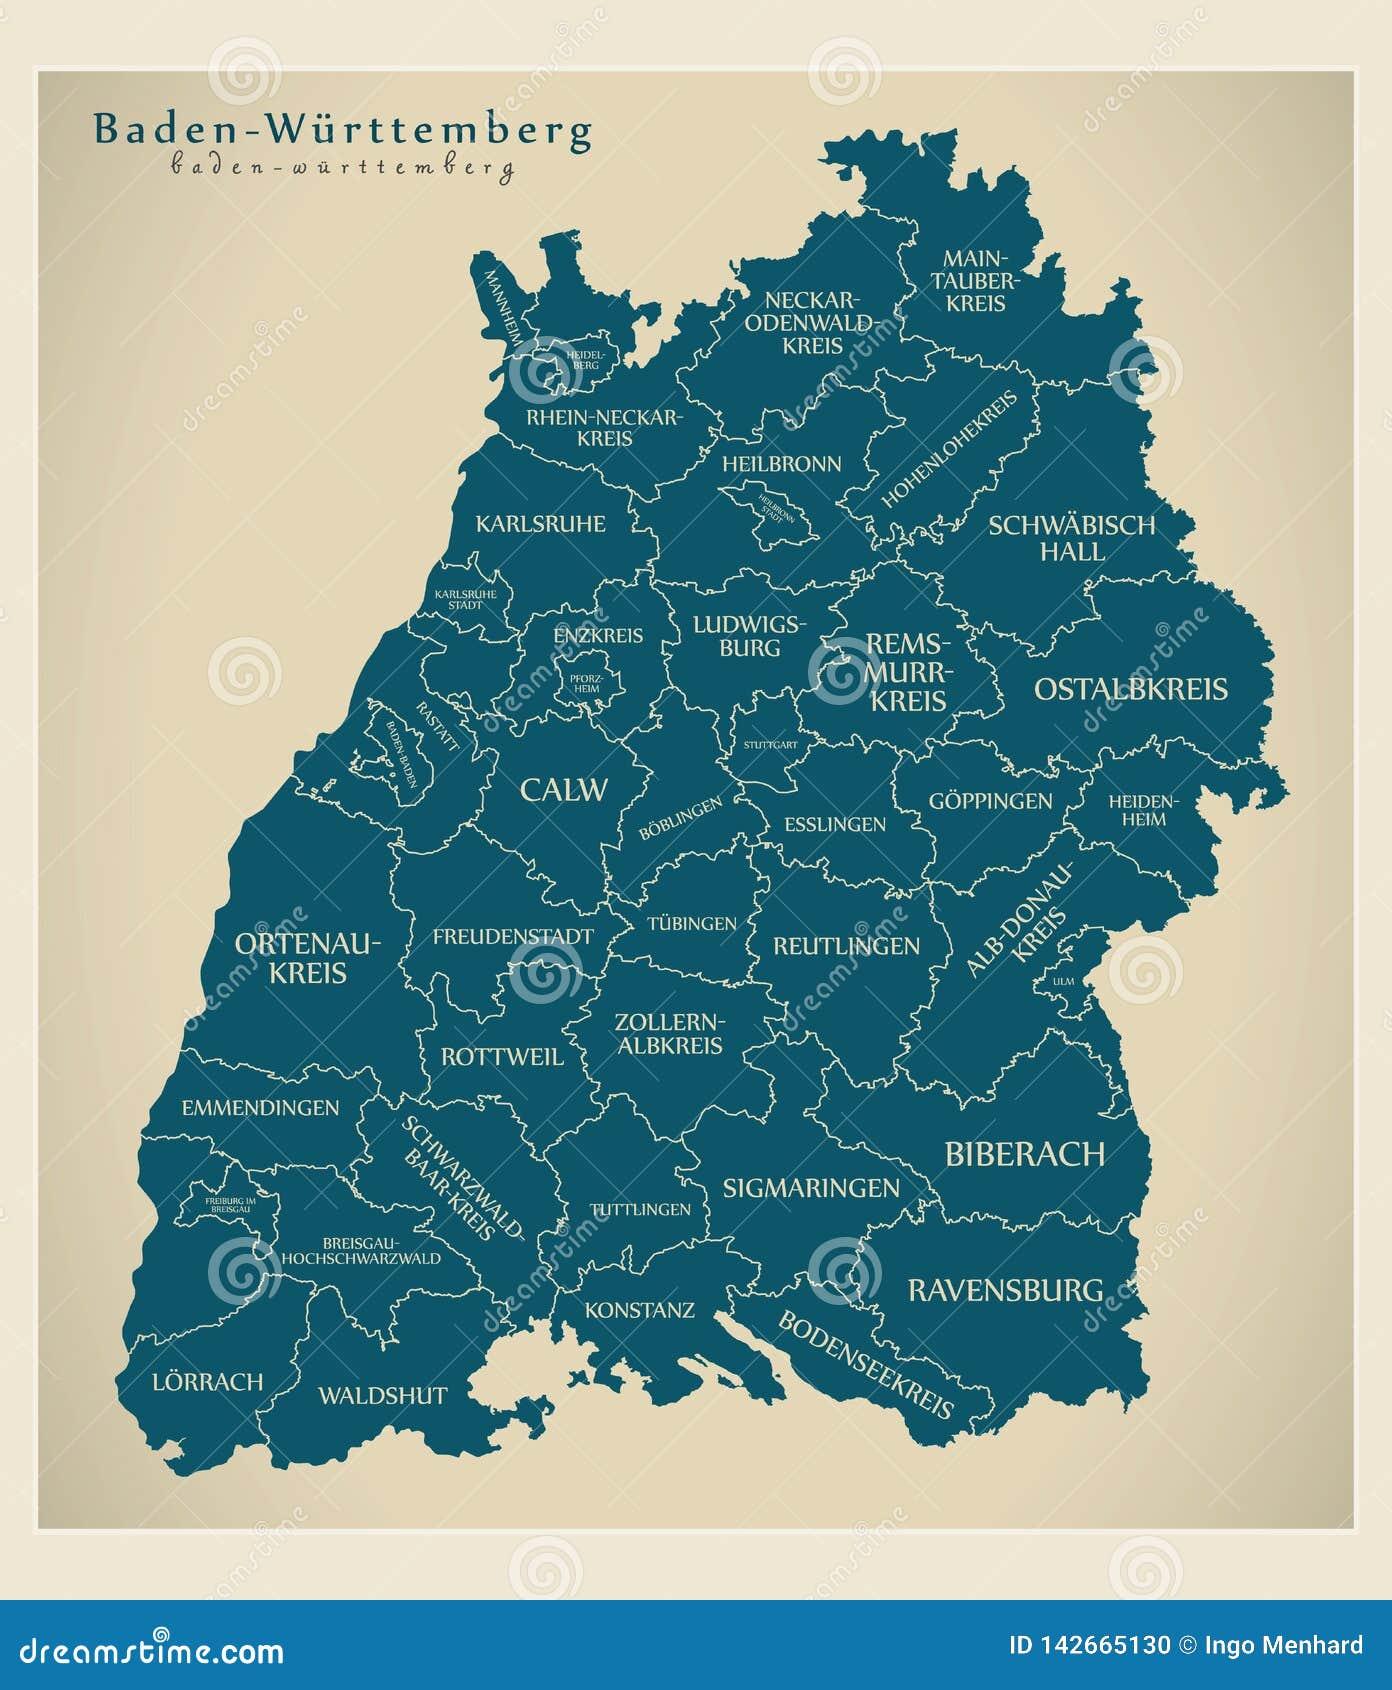 Moderne Karte - Baden Wuerttemberg-Karte von Deutschland mit Grafschaften und Aufklebern